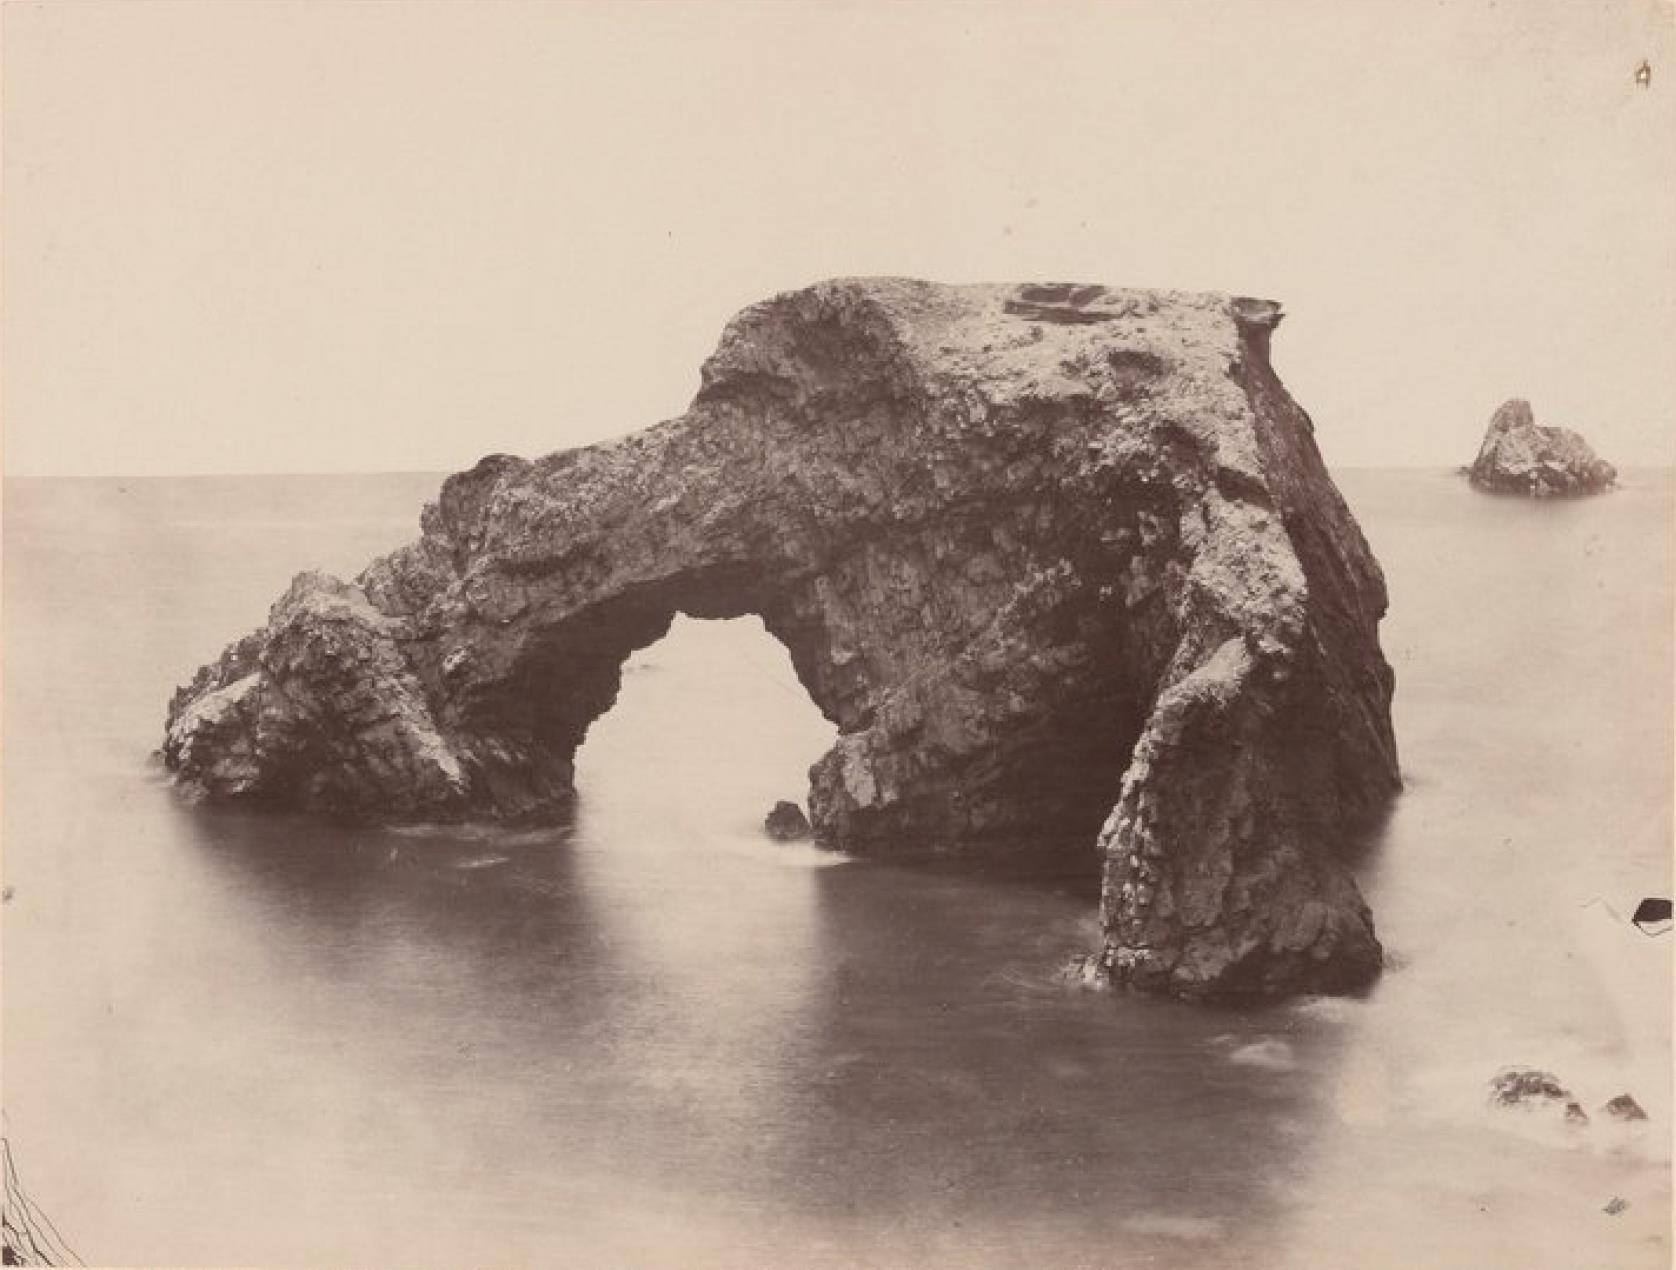 Острова Чинча. Адская скала западнее Северного Чинча